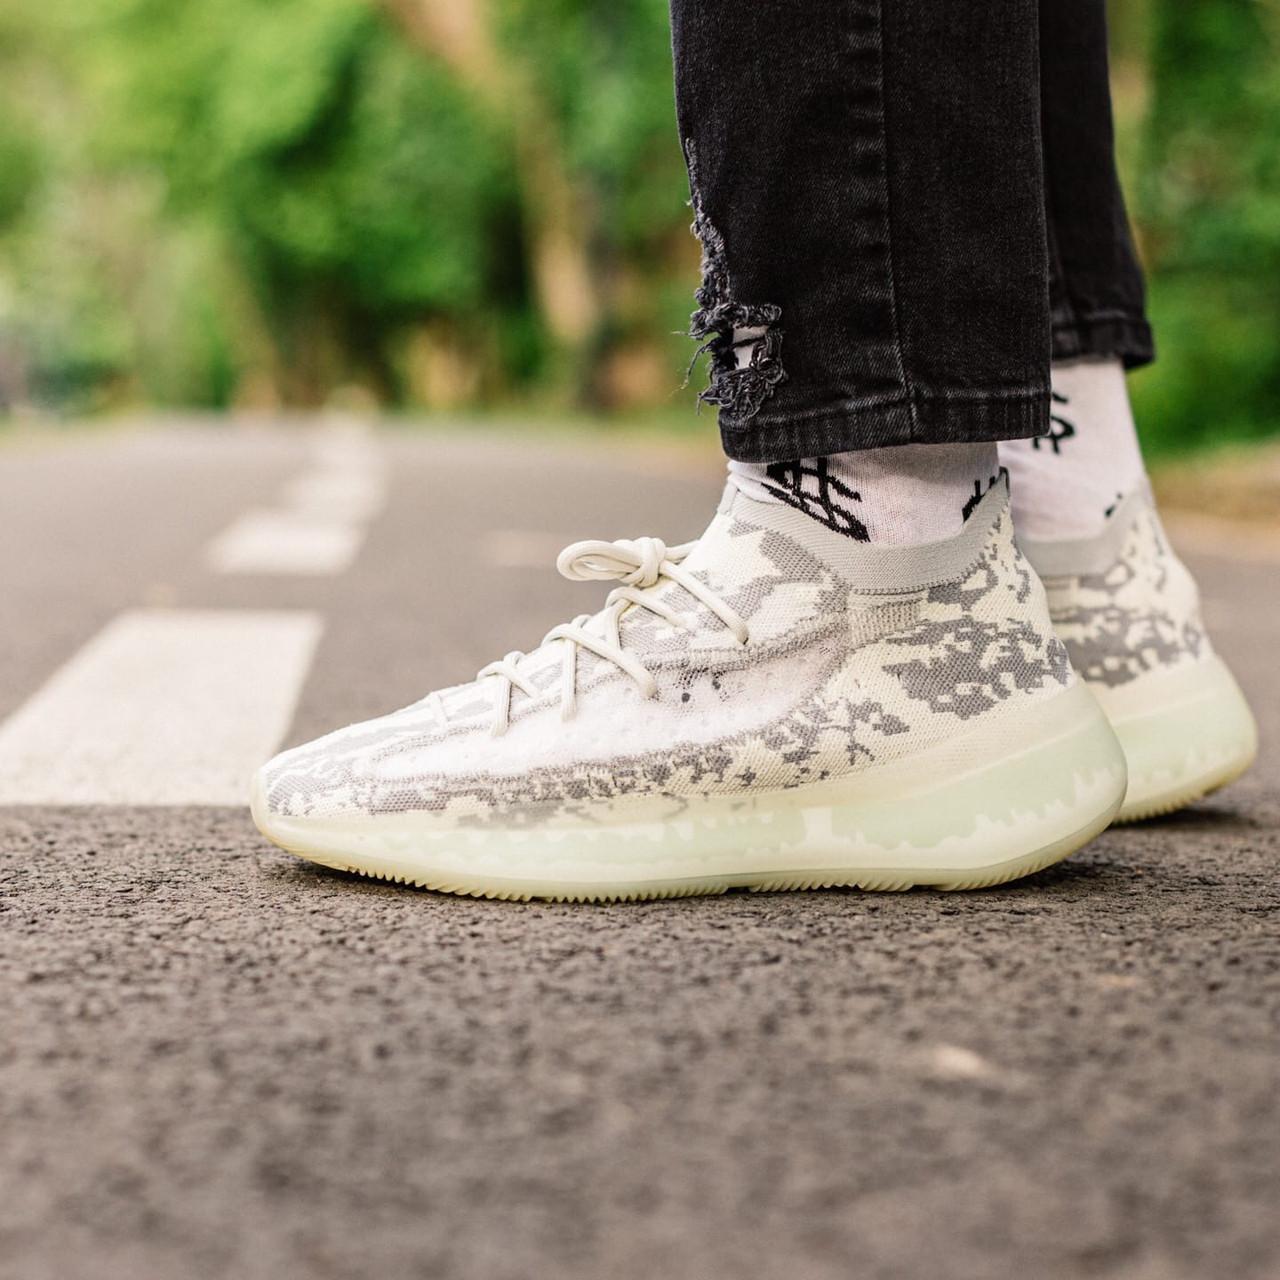 """Чоловічі кросівки Adidas Yeezy 380 """"Alien"""", Репліка"""